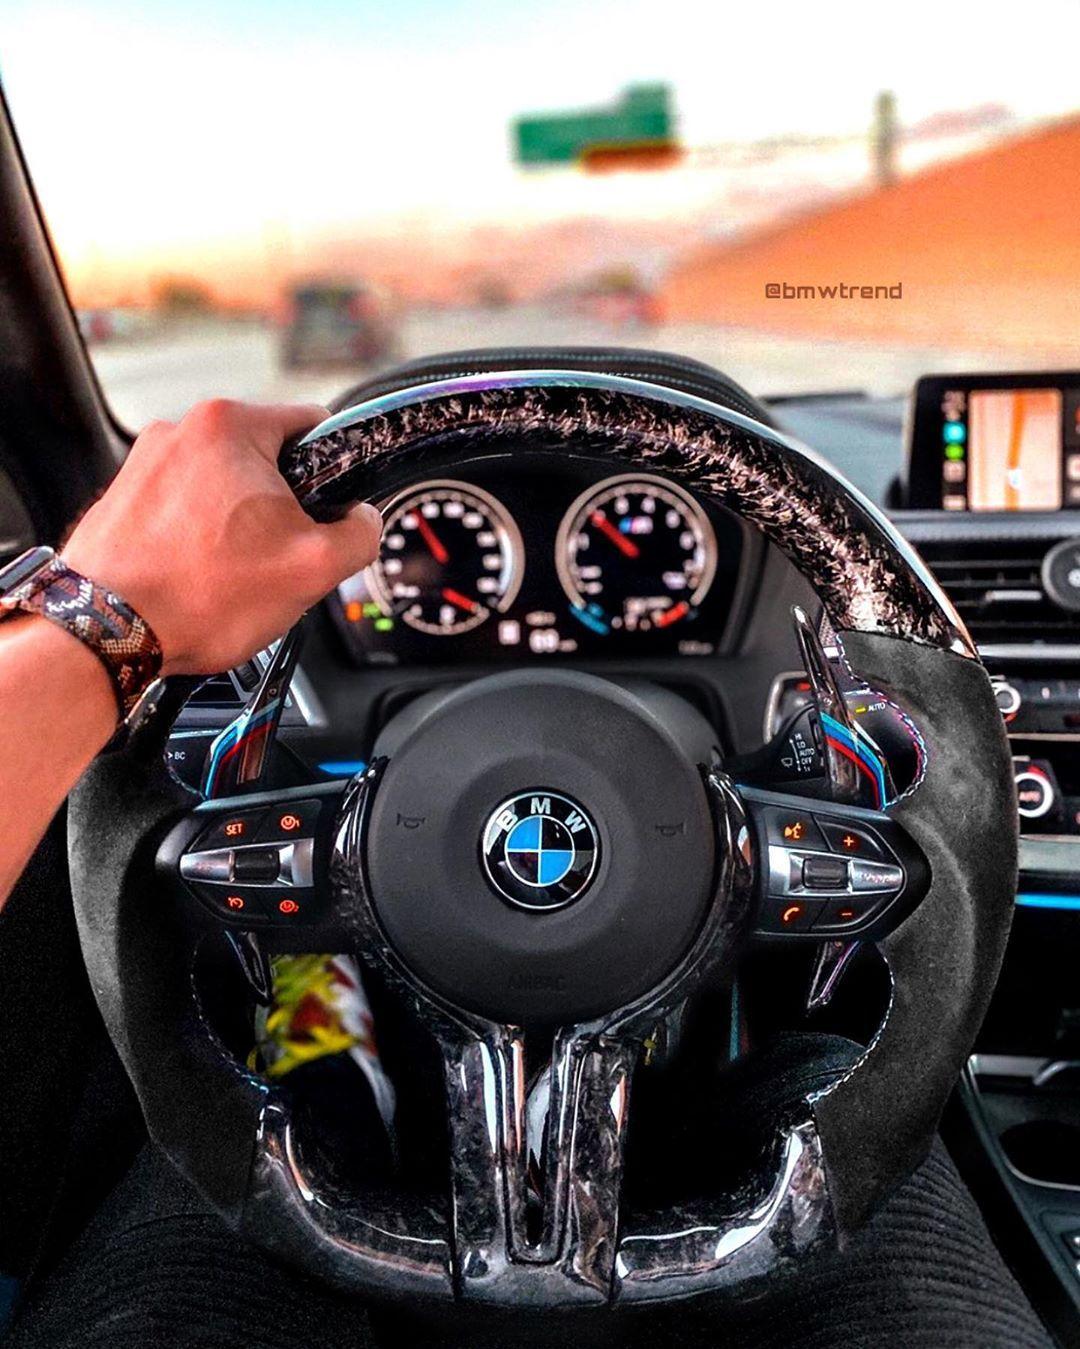 Click On The Picture For More Wheel Goals Like Follow Bmwtrend Bmwtrend Bmwtrend Bmwtrend Bmwt Carros De Luxo Interior De Carros De Luxo Carros